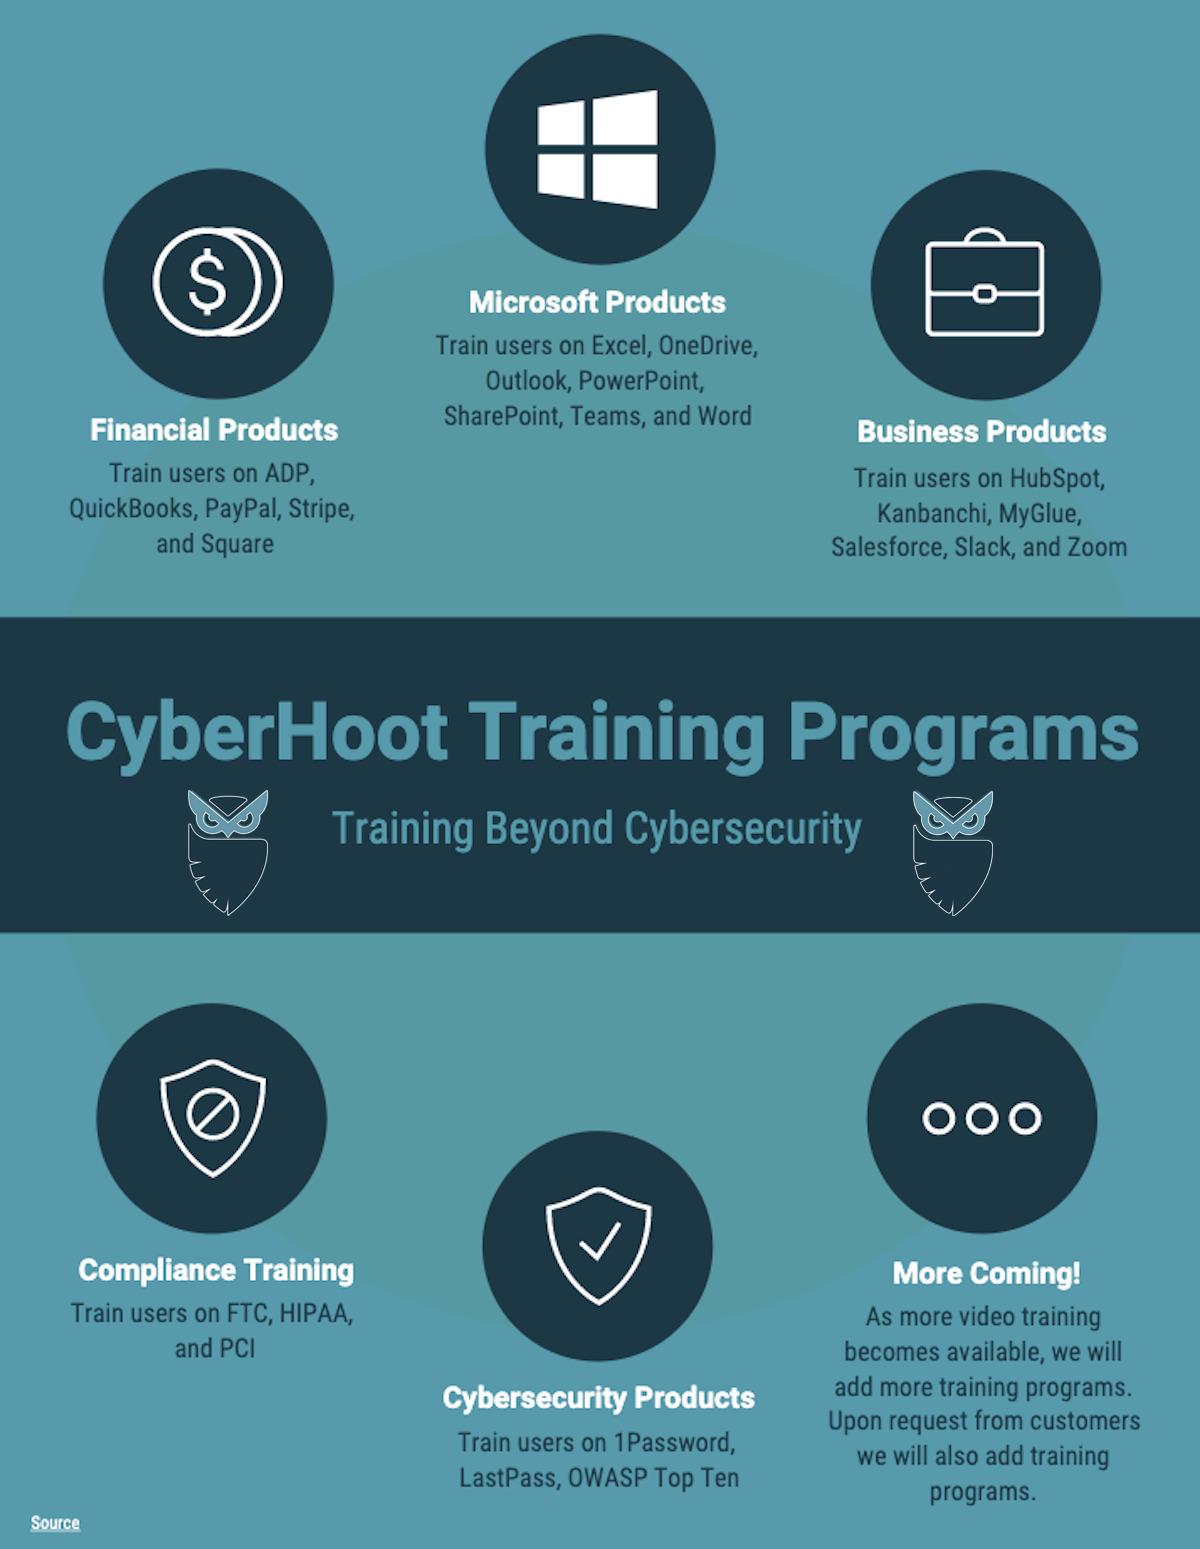 CyberHoot Training Programs